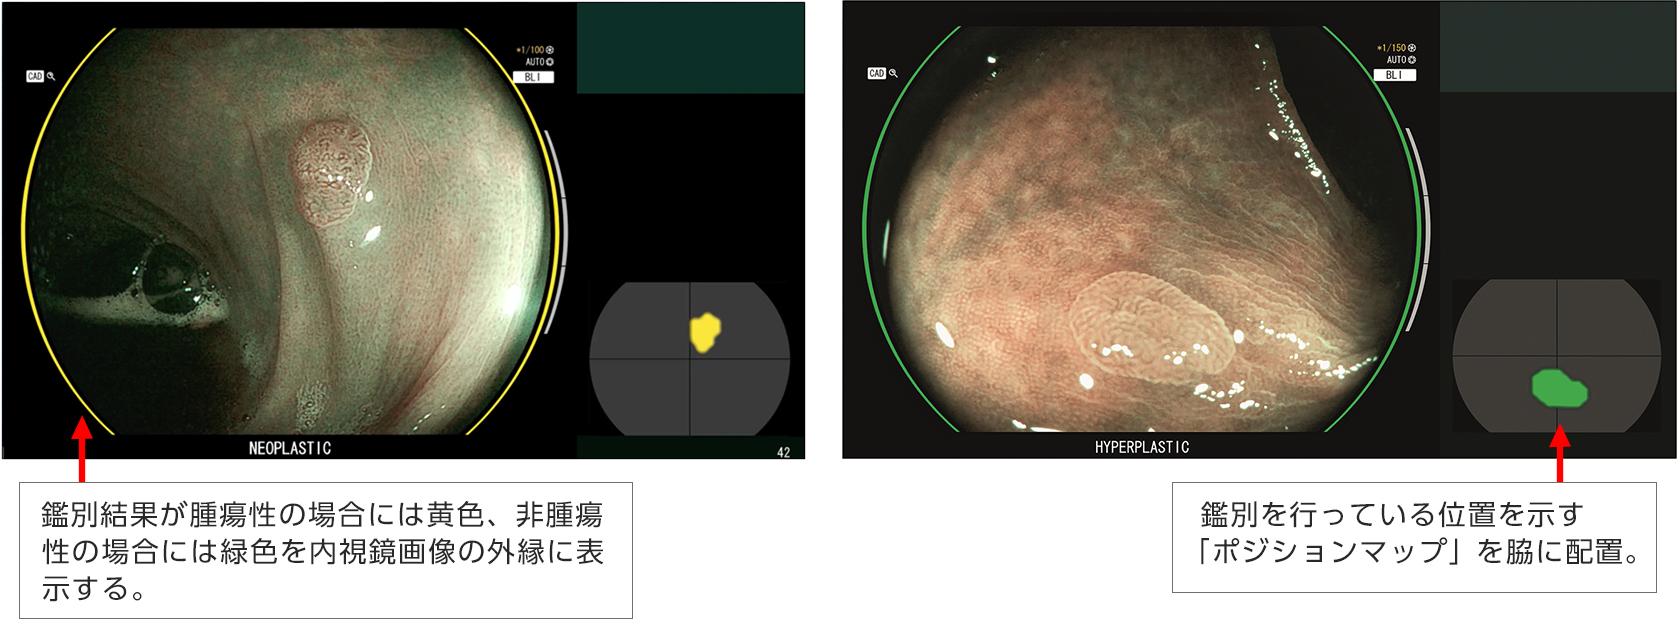 [画像]CAD EYE 疾患鑑別支援機能